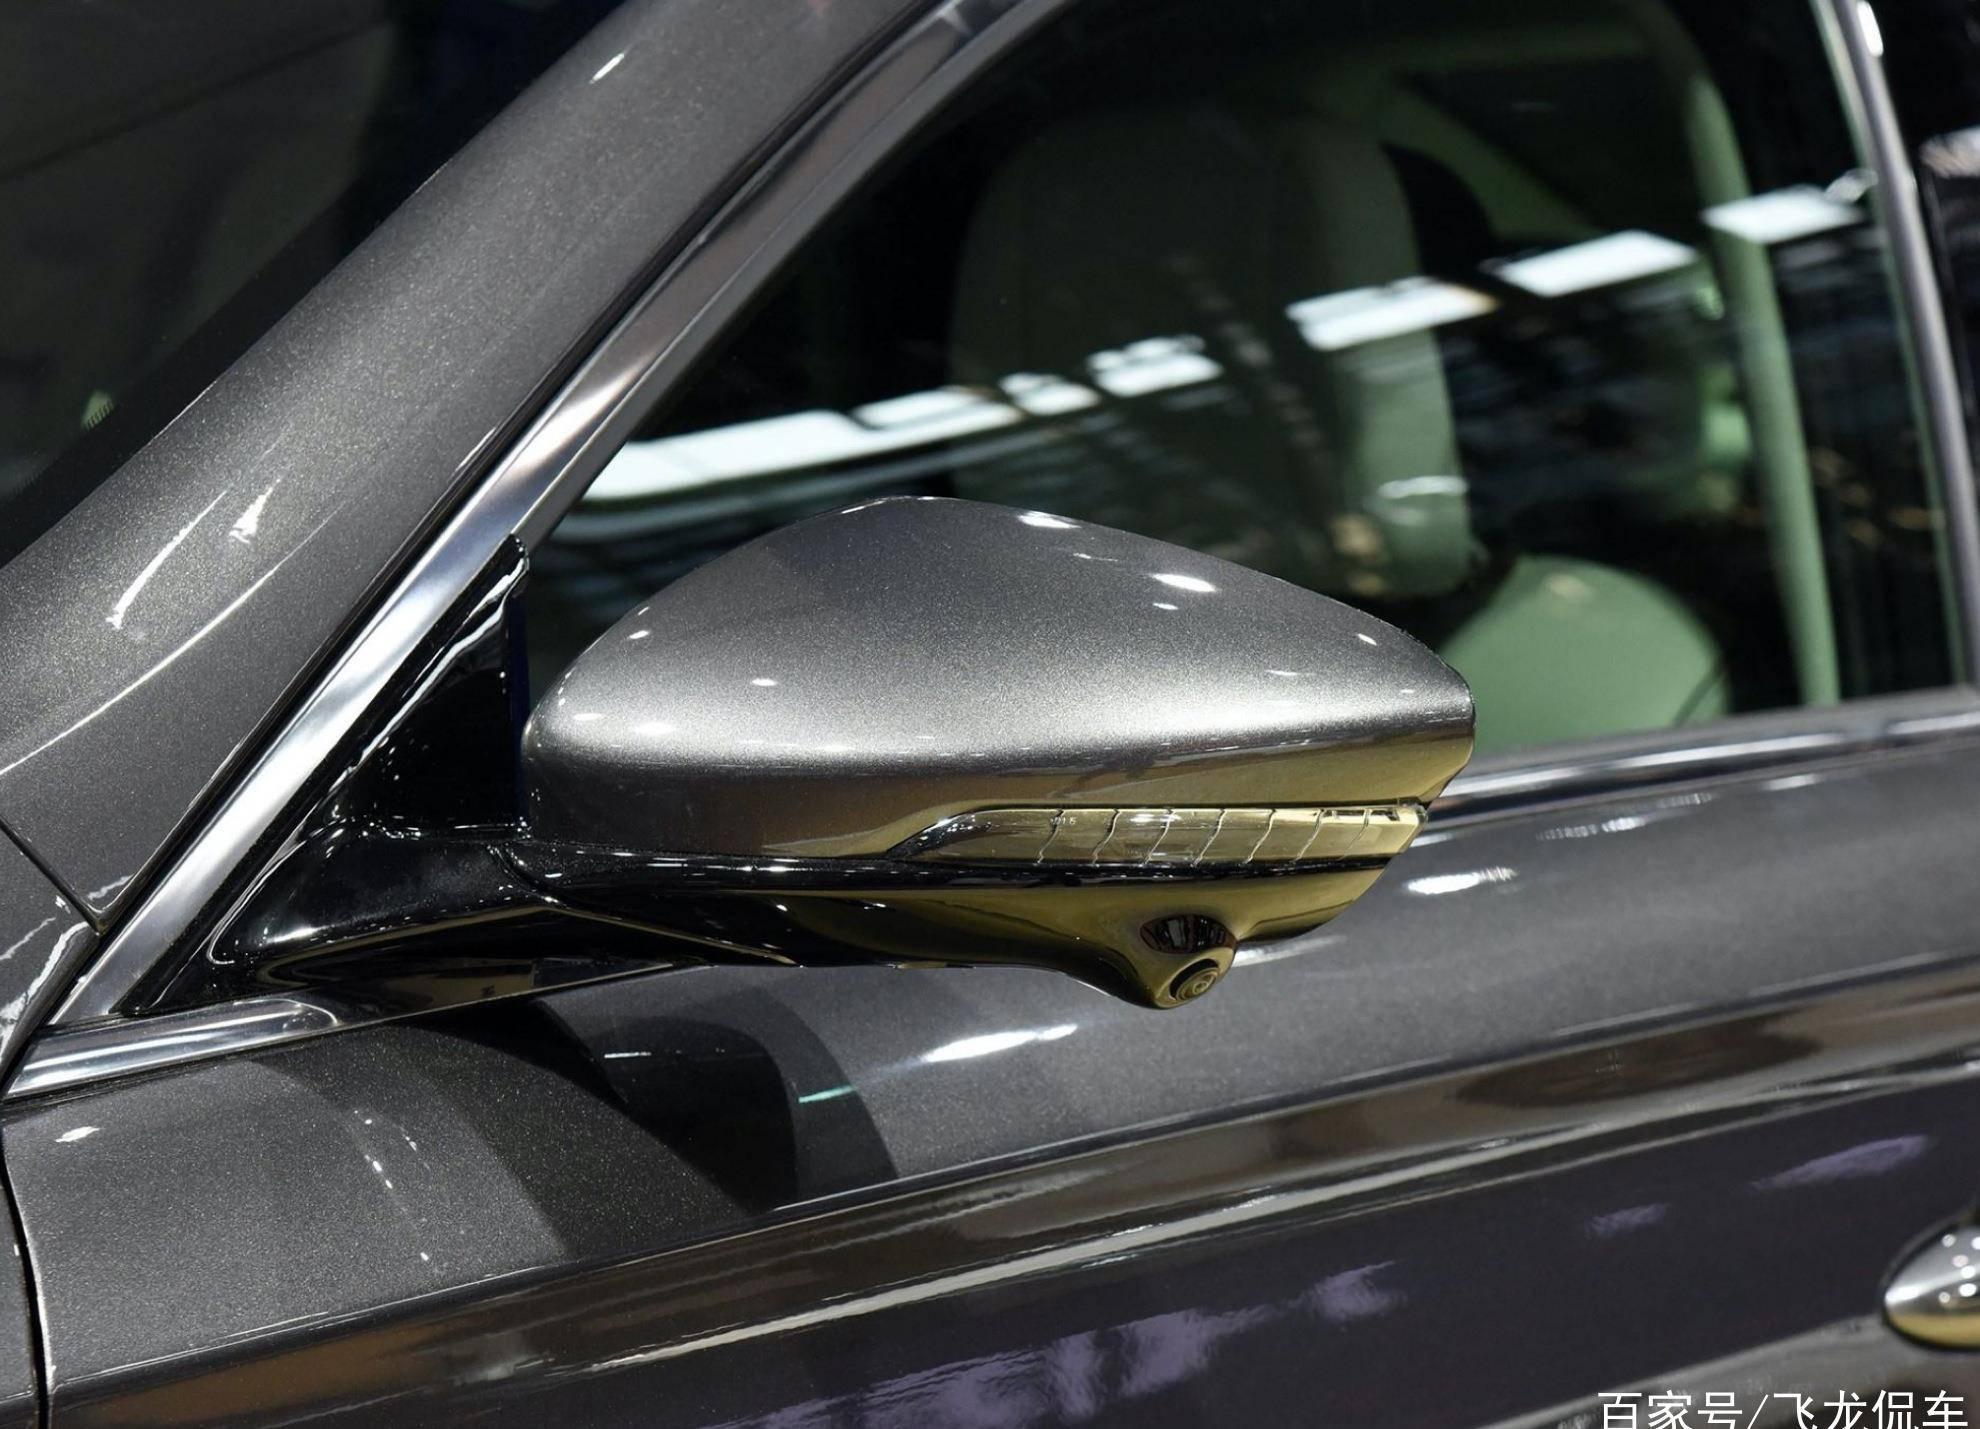 原国产豪车撞了,前脸像雷克萨斯,252马力爆发2.0T,需要火